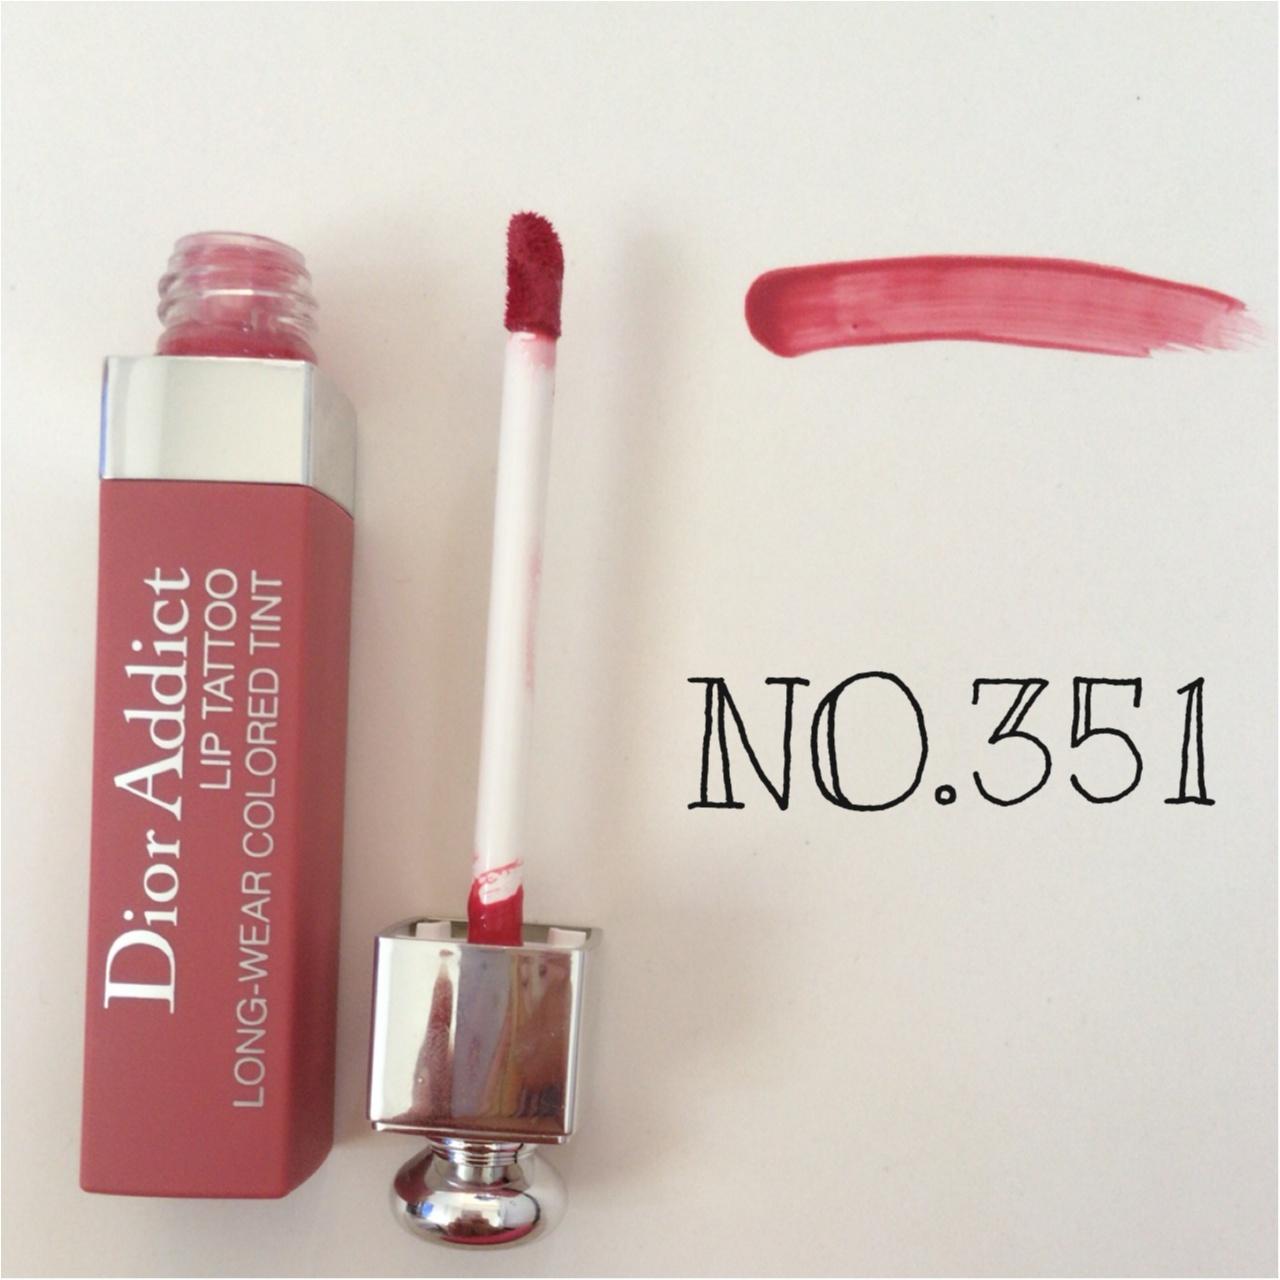 """暑さに負けない!落ちない!Dior Addict LIP TATTOOで""""キスプルーフ""""な夏メイク♡_3"""